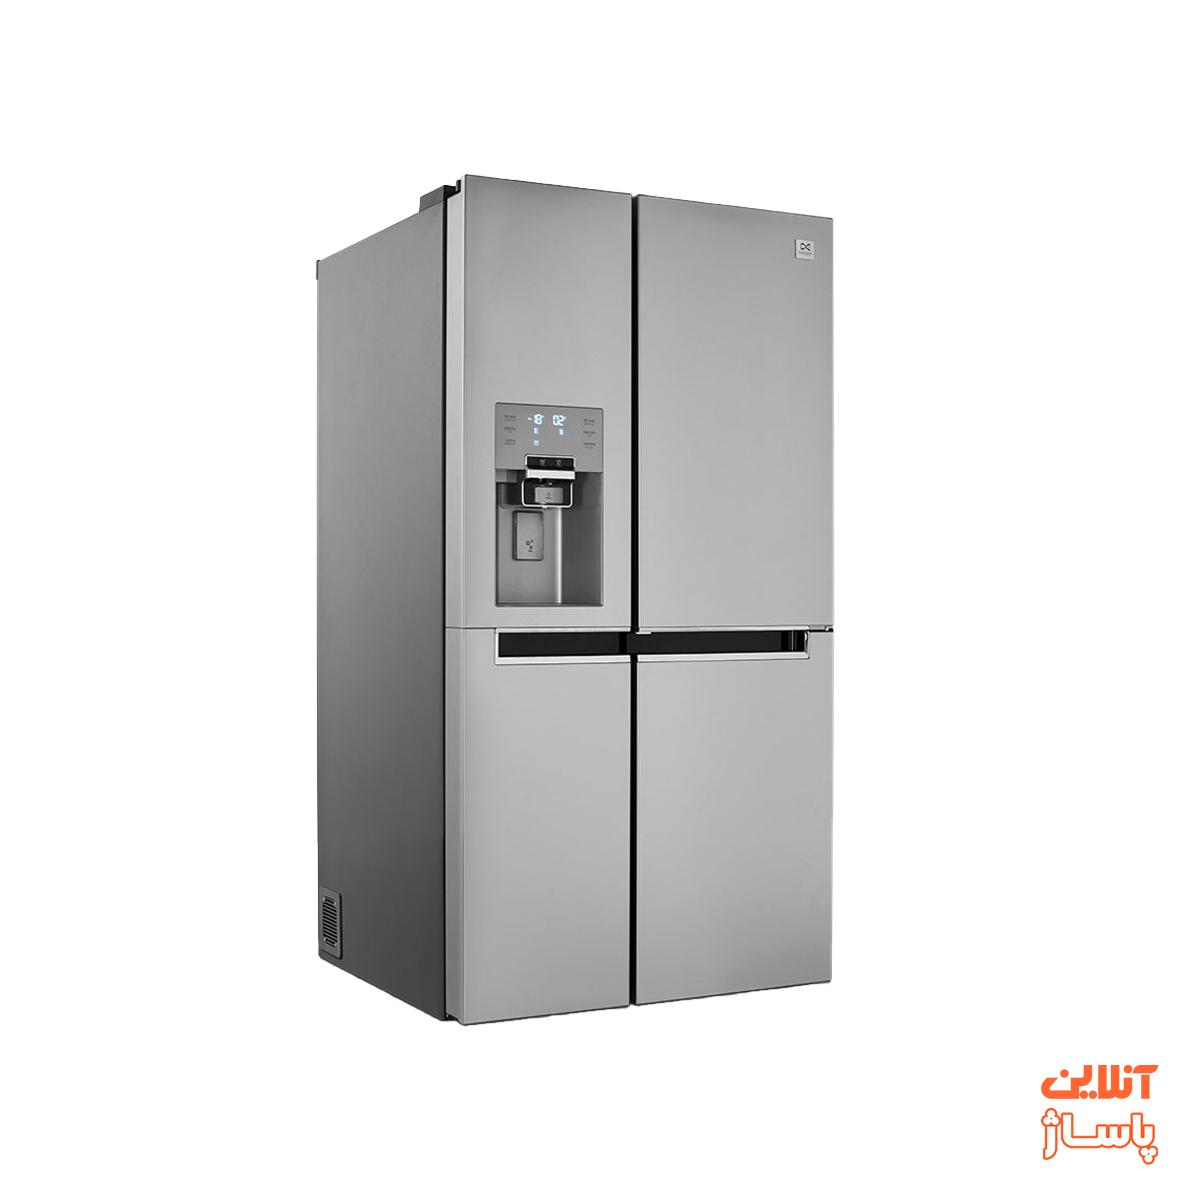 یخچال و فریزر ساید بای ساید دوو سری پرایم مدل D4S-0036MW سه درب